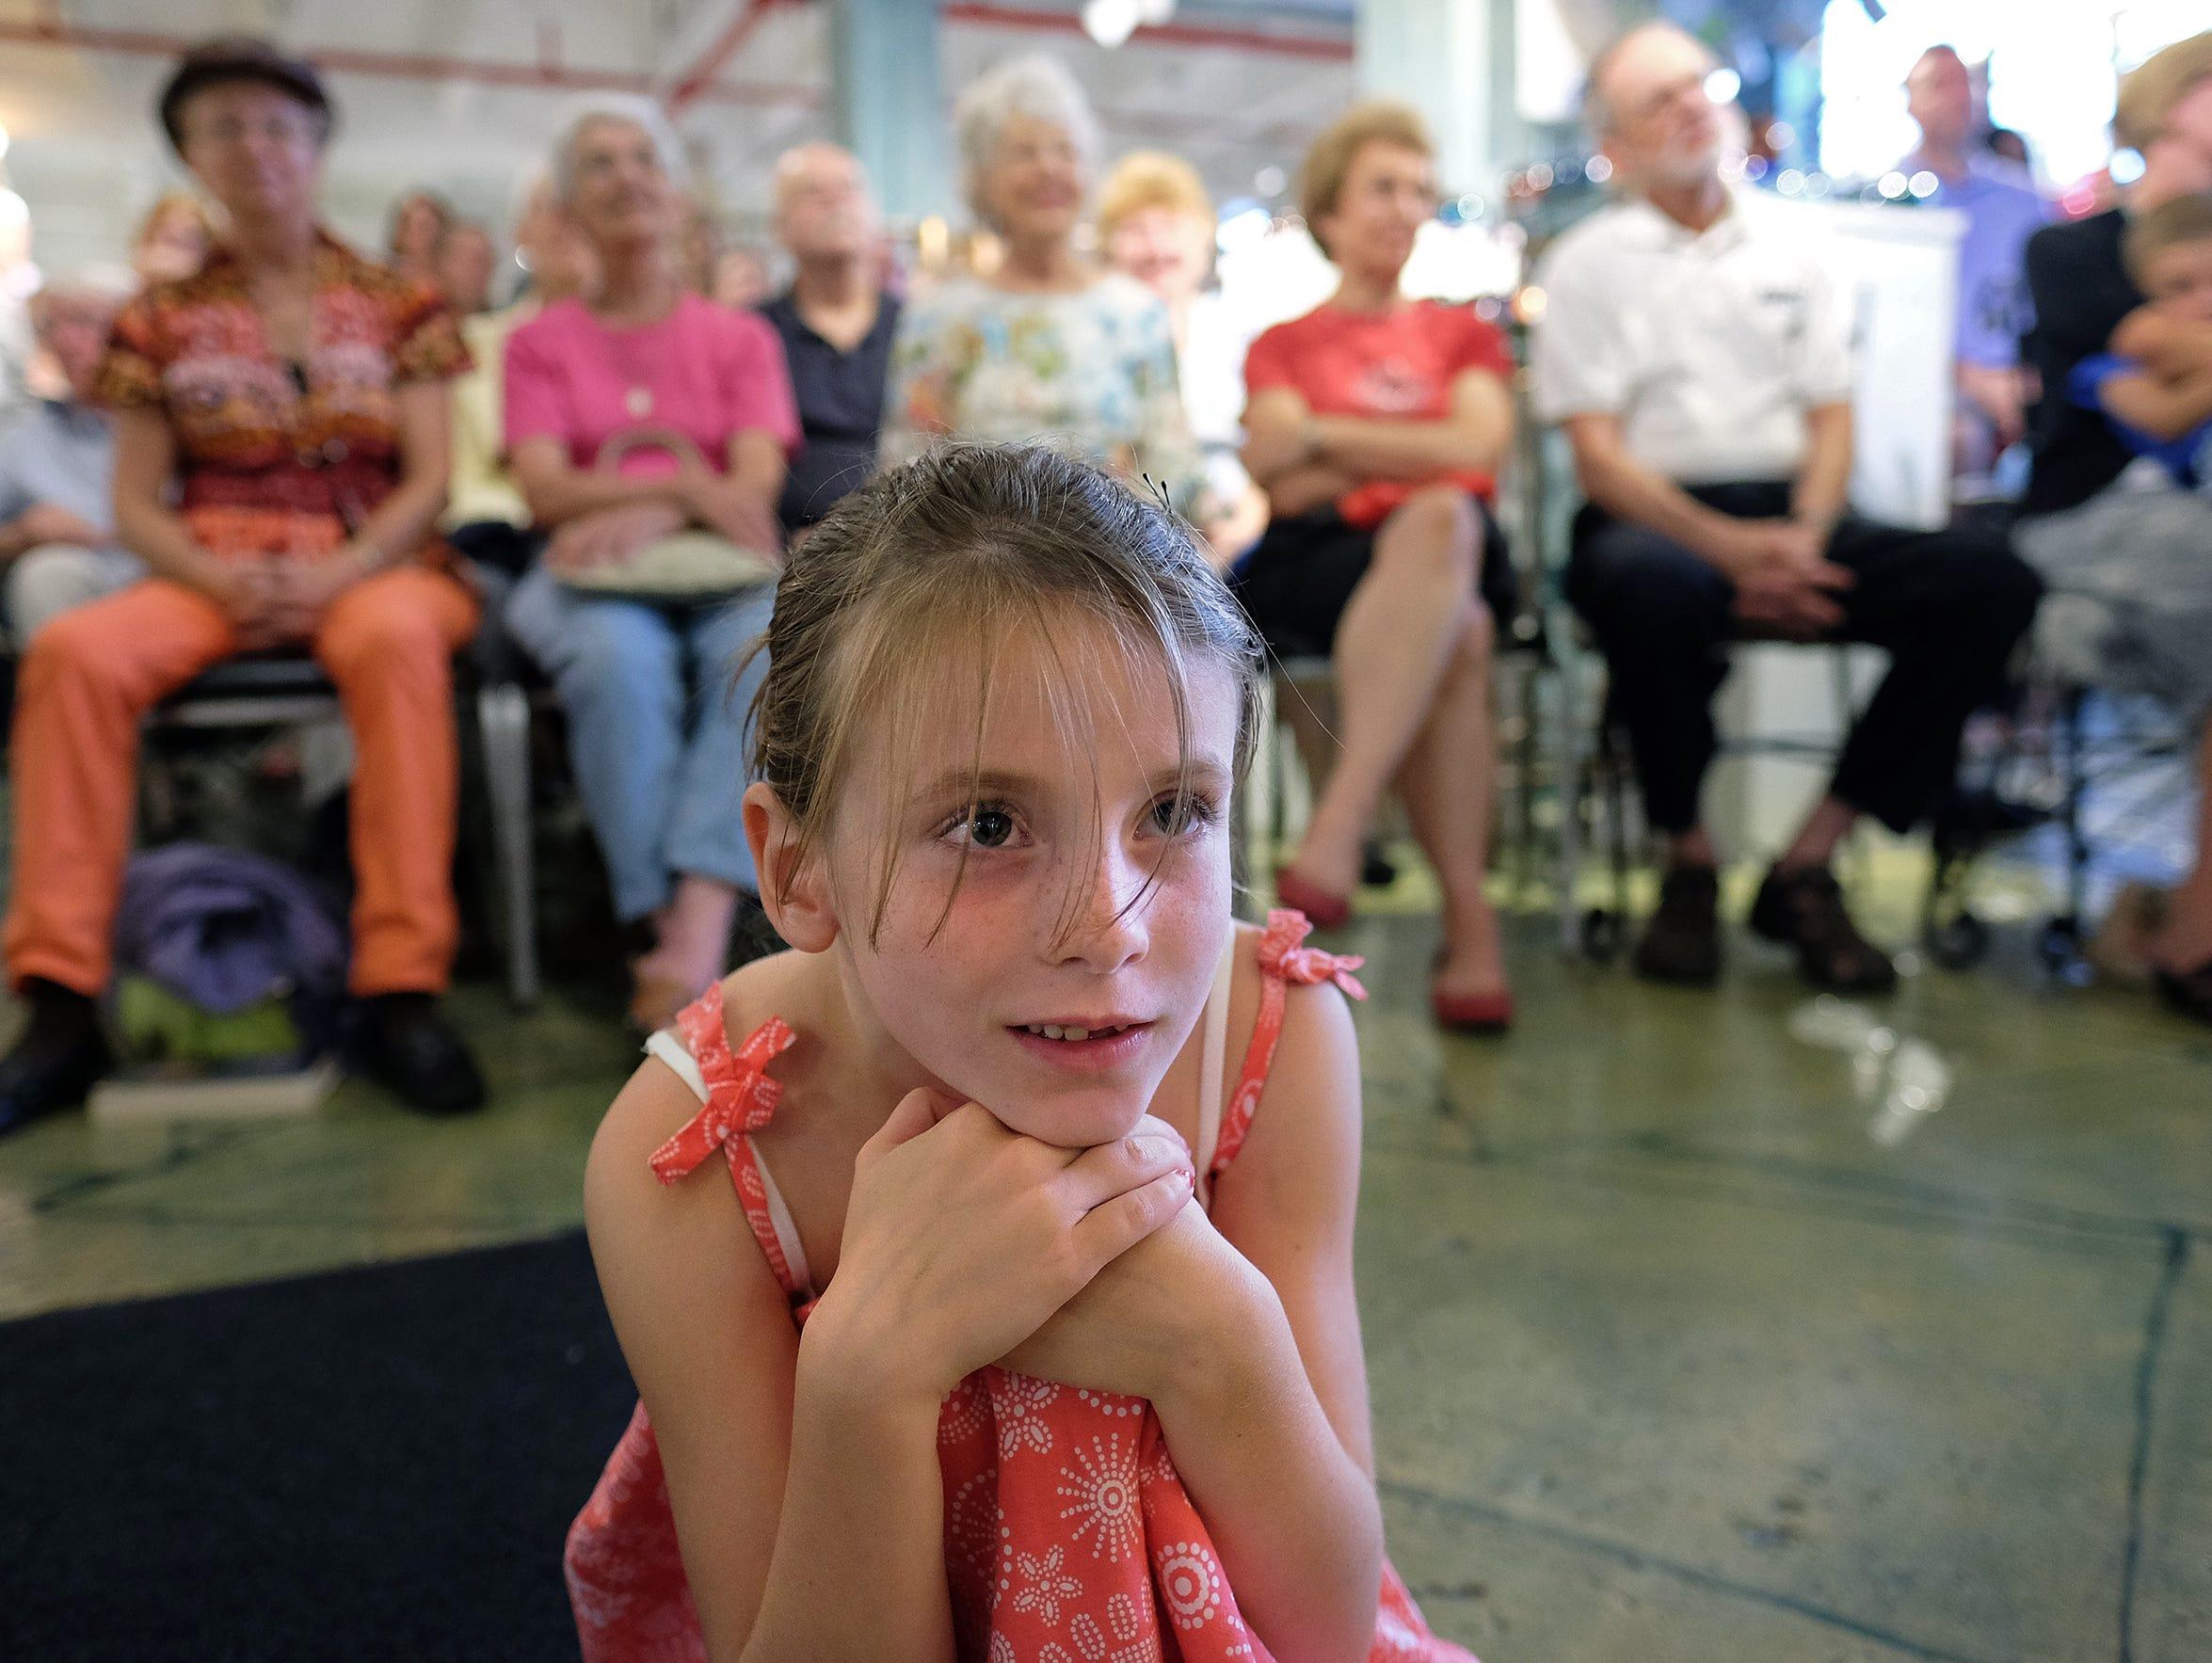 A young girl enjoys listening to a Heifetz concert